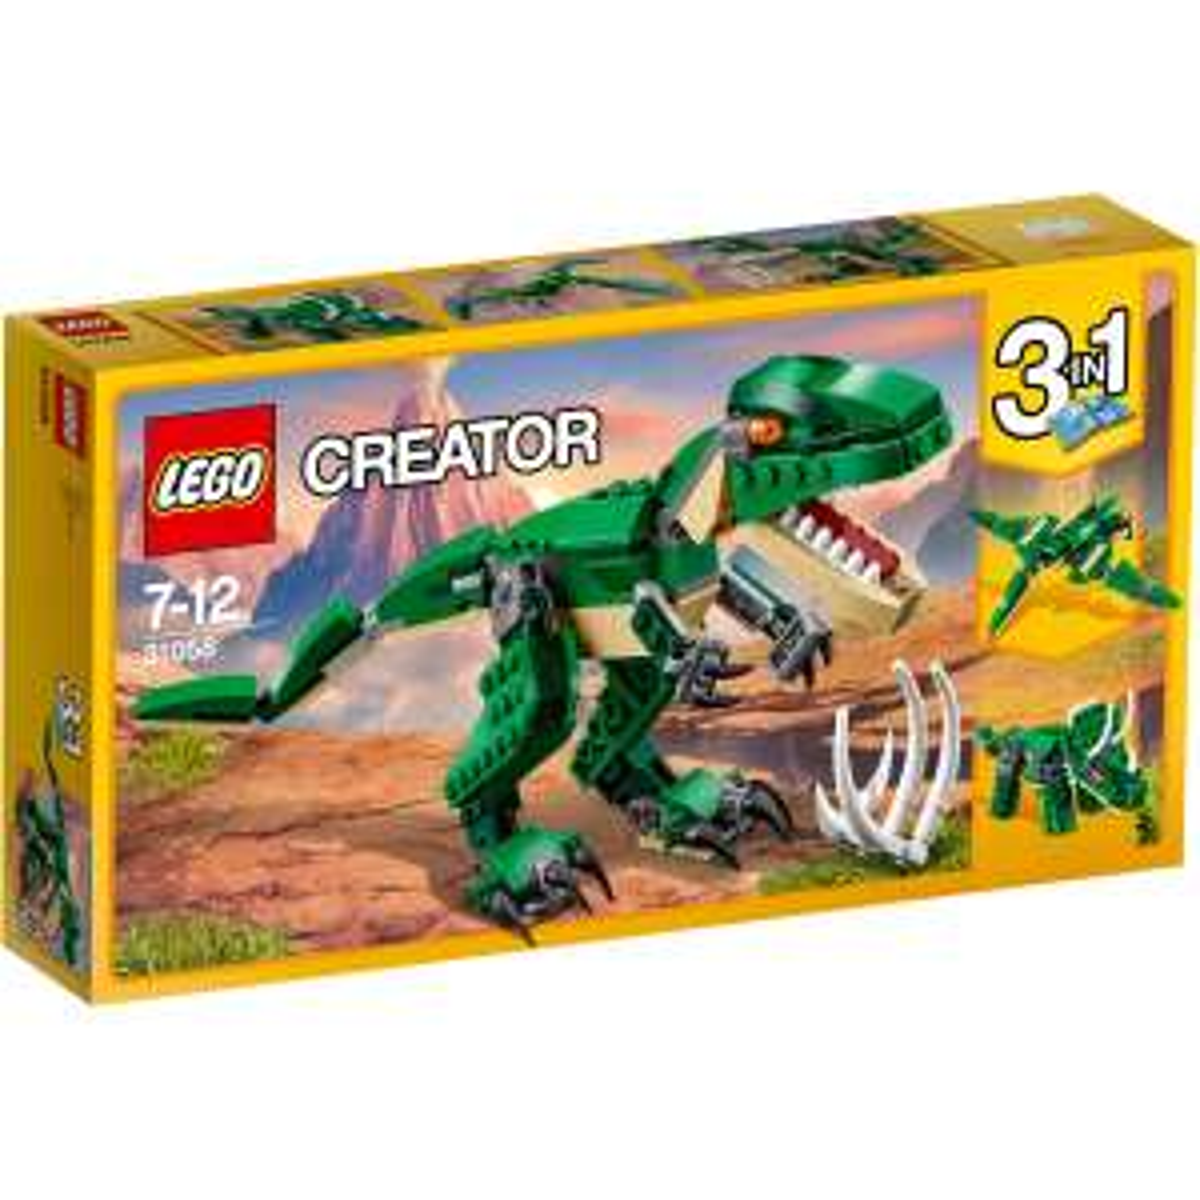 ( Galeria Filiallieferung ) LEGO Creator 31058 - Dinosaurier, 3-in-1 (bzw. 7-in-1 und mehr)